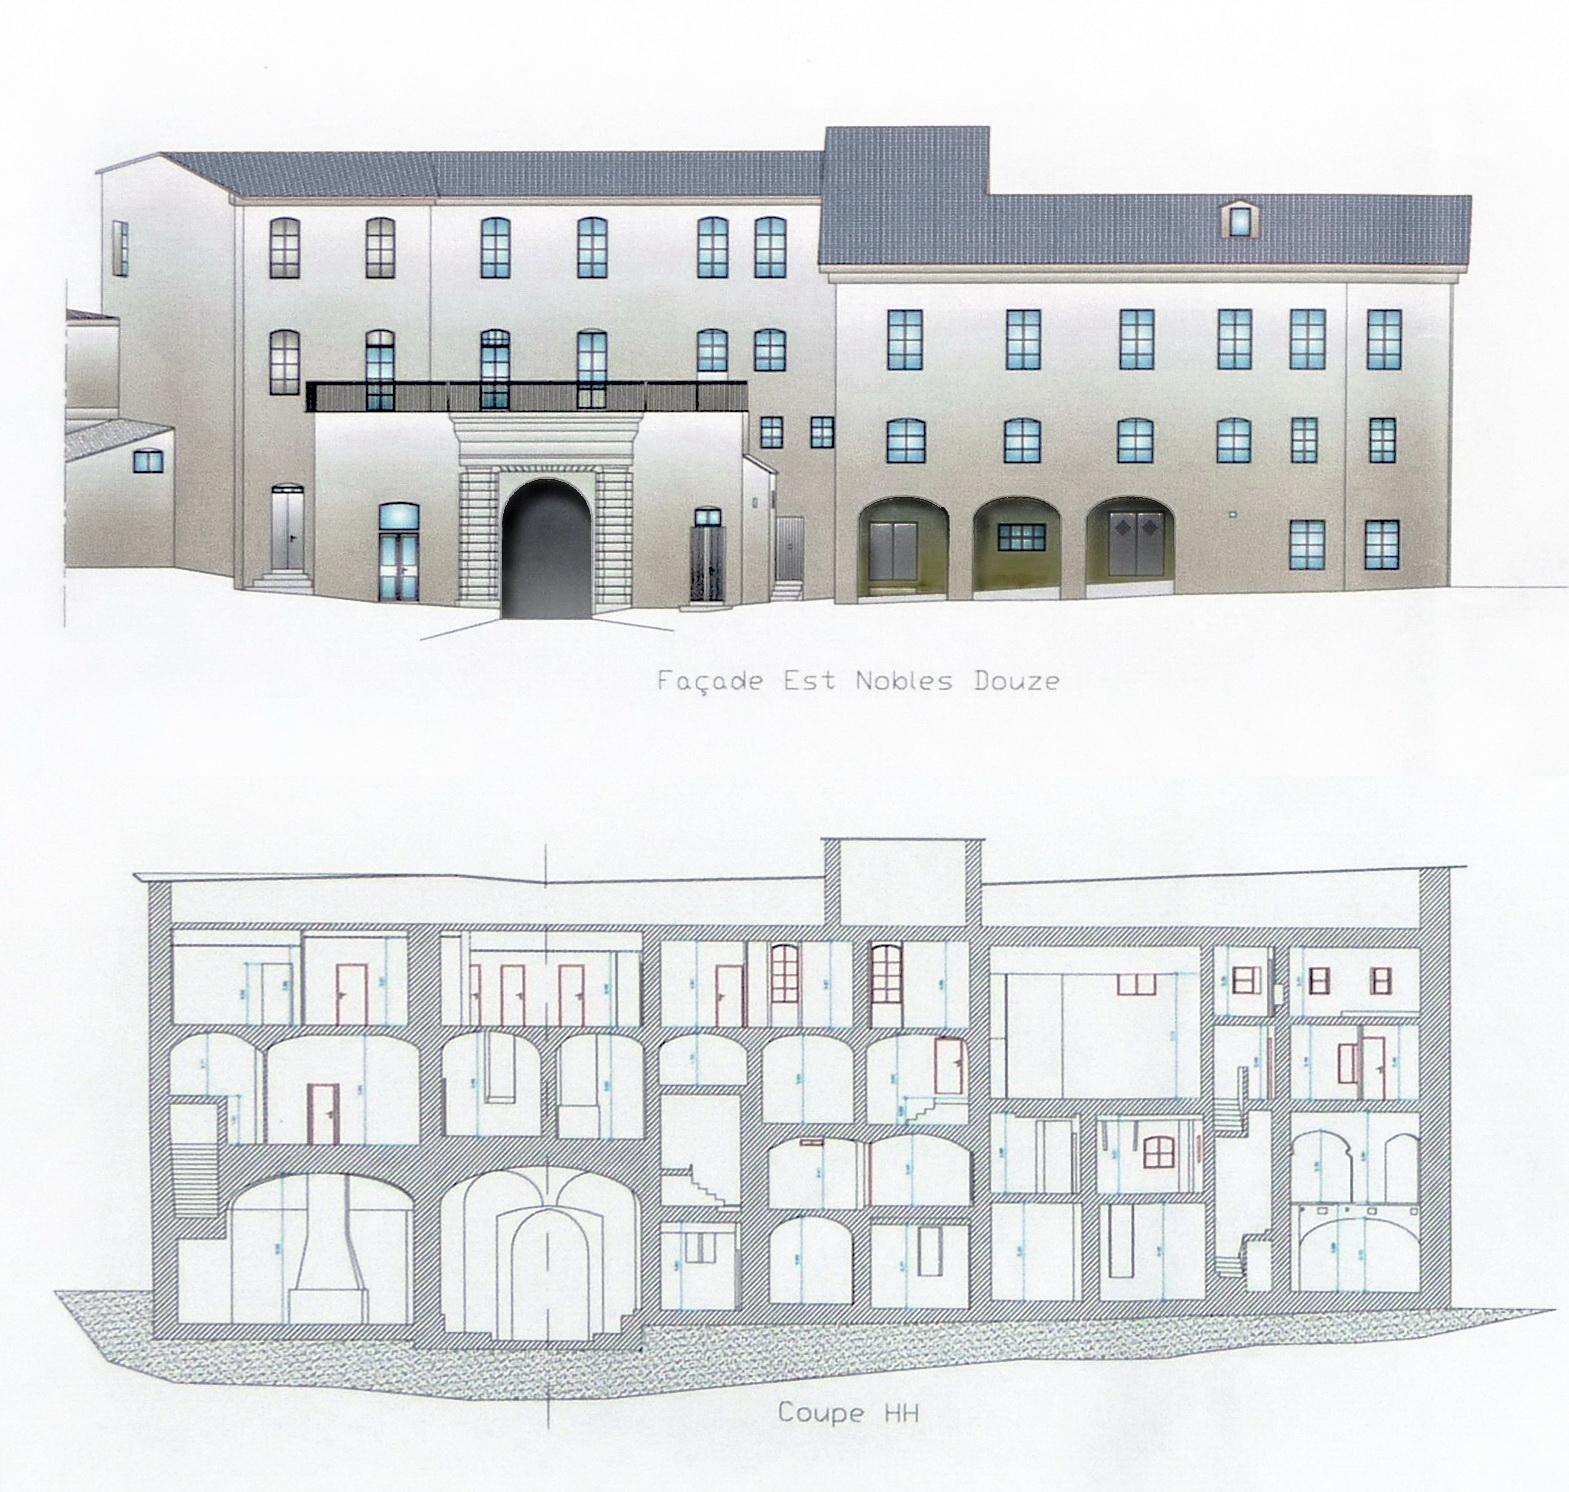 """Construit à partir de 1703 à l'emplacement de boutiques, le pavillon des Nobles Douze était le siège des représentants élus du """"Deçà des monts"""" (l'actuelle Haute-Corse), délégué auprès du Gouverneur génois. Le bâtiment abrite aujourd'hui la Direction du Patrimoine de la Ville. ©documentation Ville de Bastia – DGST – d'après les relevés du cabinet CITS."""